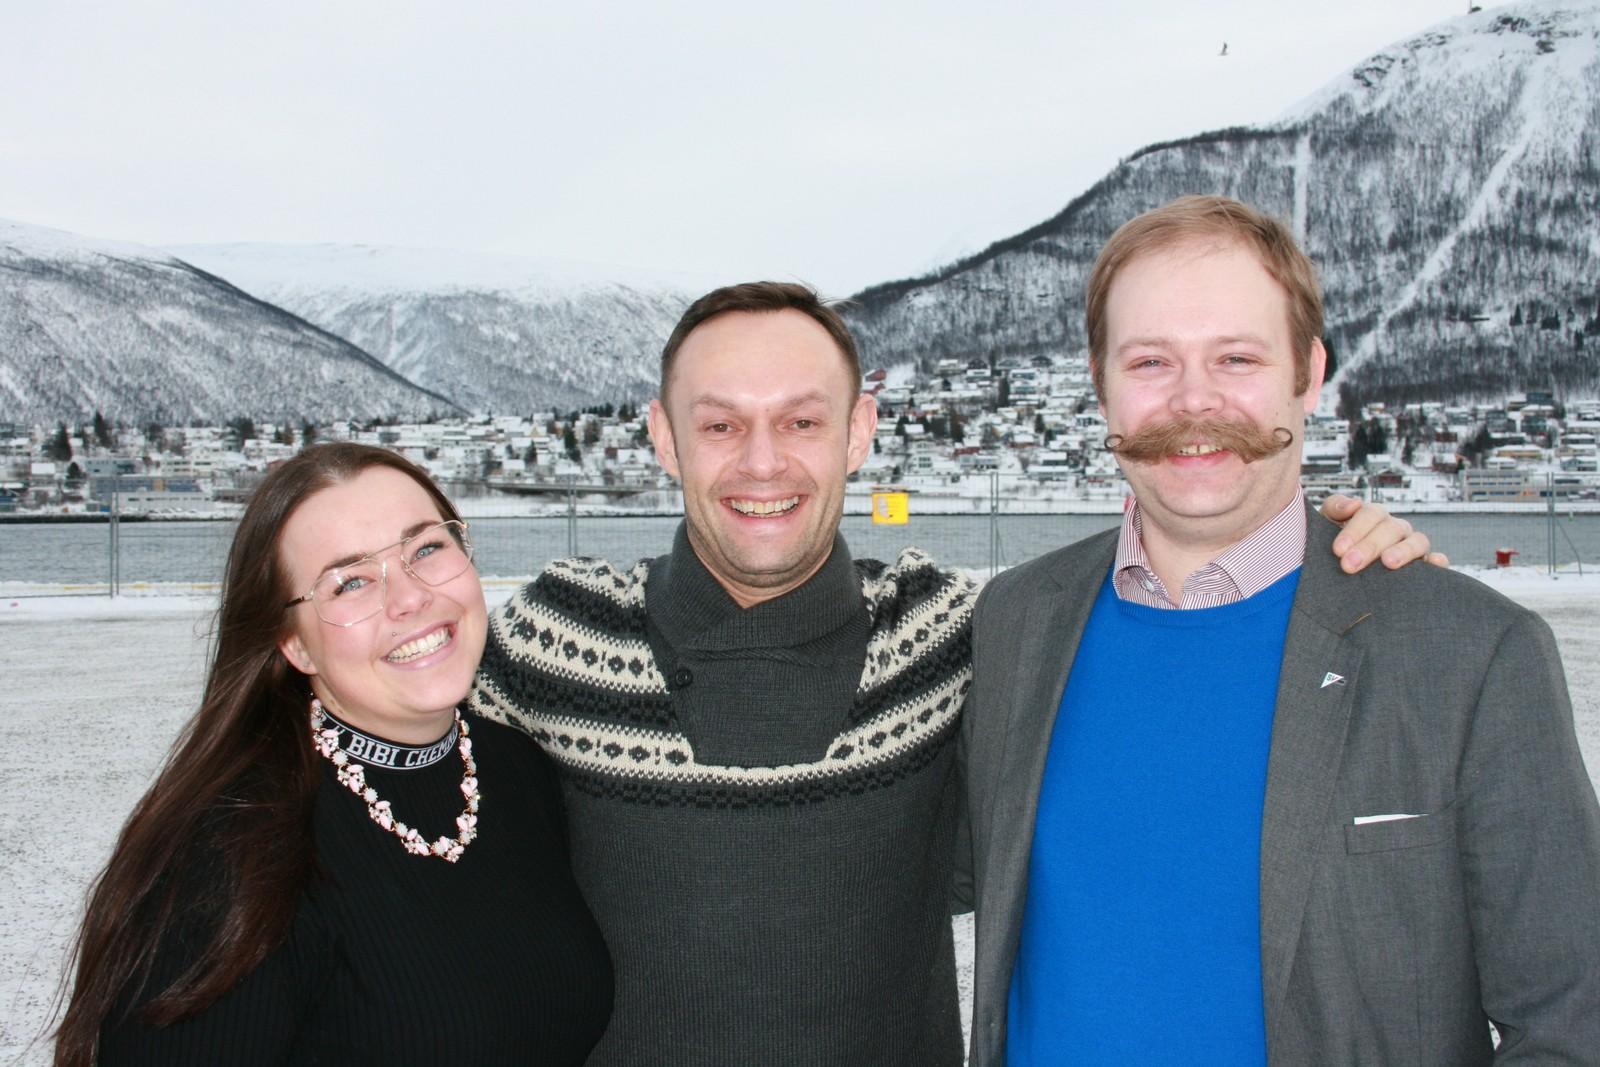 Torgeir Knag Fylkesnes, 1. kandidat til Stortingsvalg 2017. Katrine Boel Gregussen, 2. kandidat. Bjarne Rohde, 3. kandidat. Bilde fra årsmøtet i Troms SV 19. februar 2017.